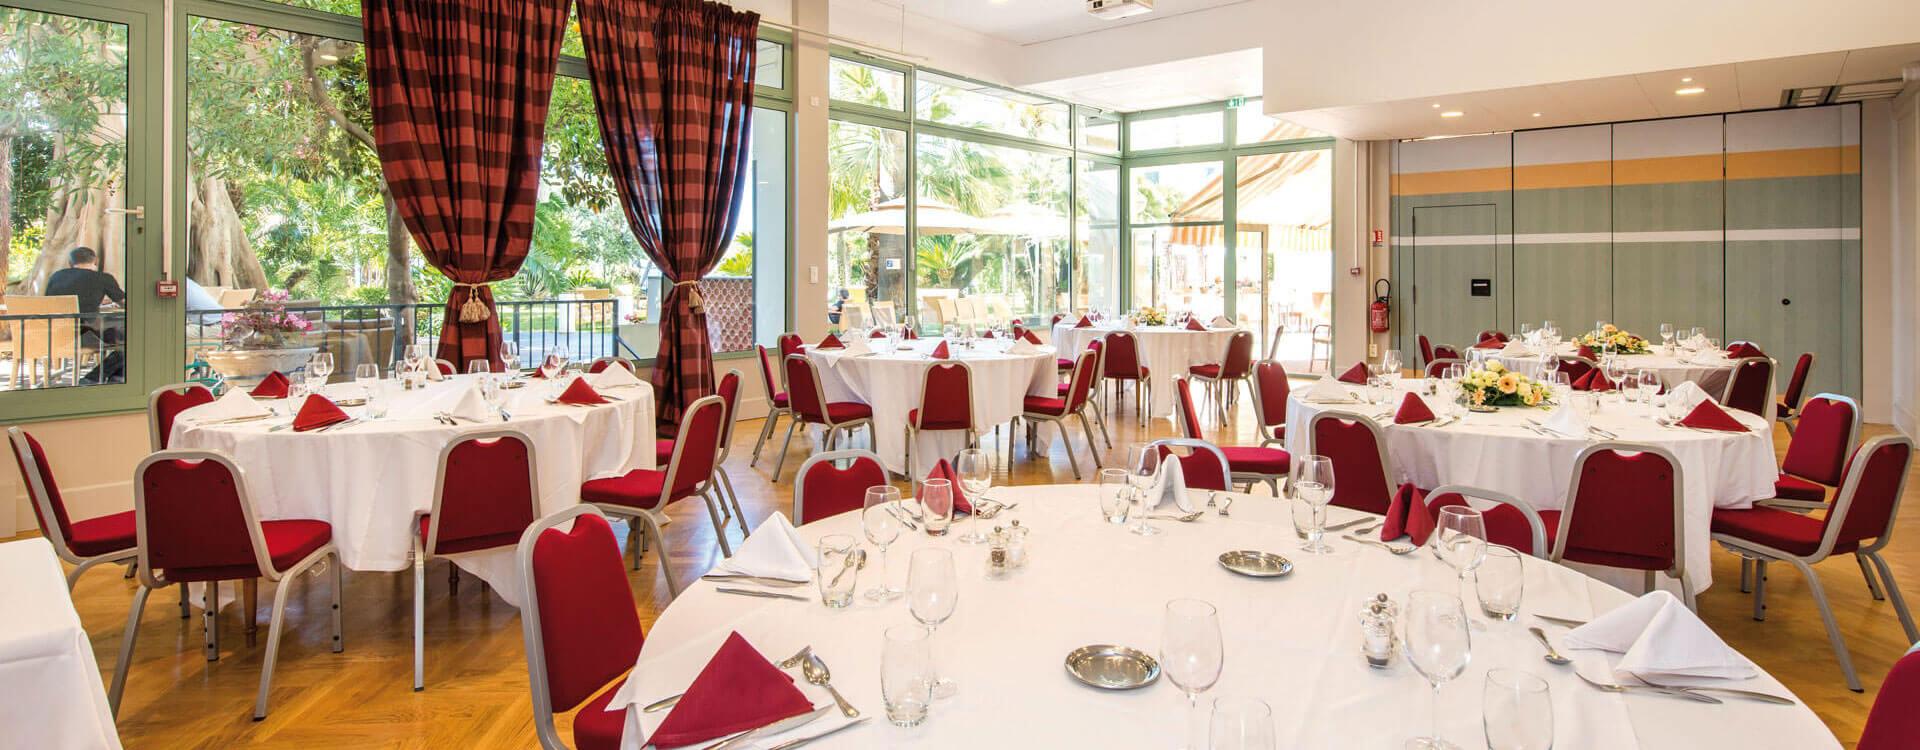 Réceptions - Hôtel*** Royal Westminster à Menton